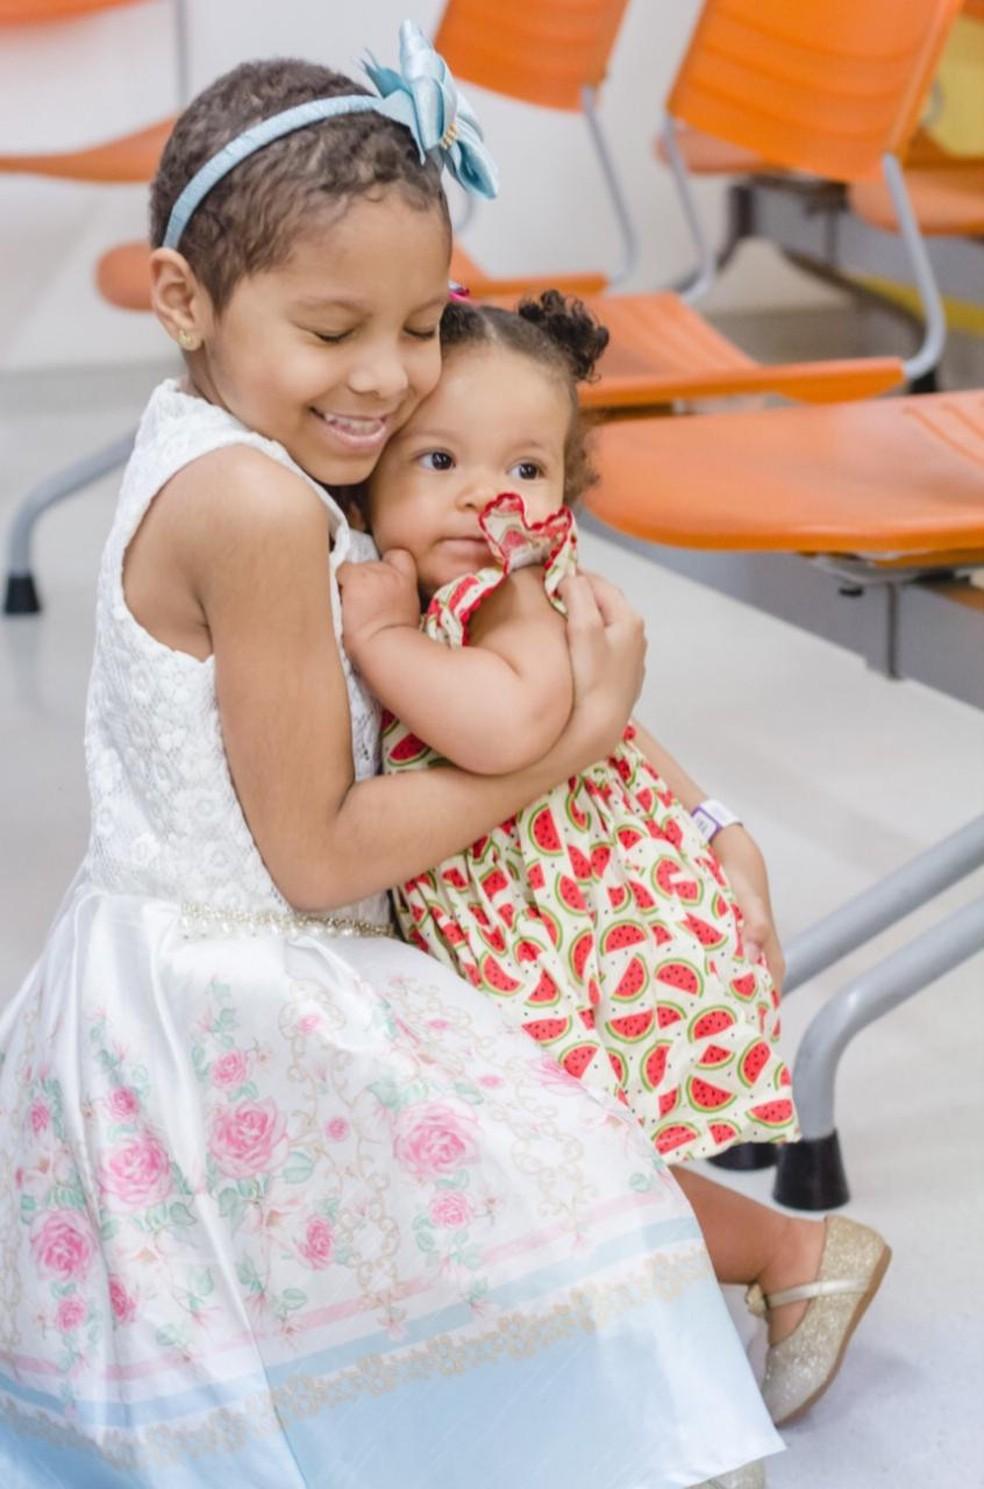 Ana Lívia de 1 ano tem medula 100% compatível com a irmã Yasmim  — Foto: Divulgação/Ingrid Alves